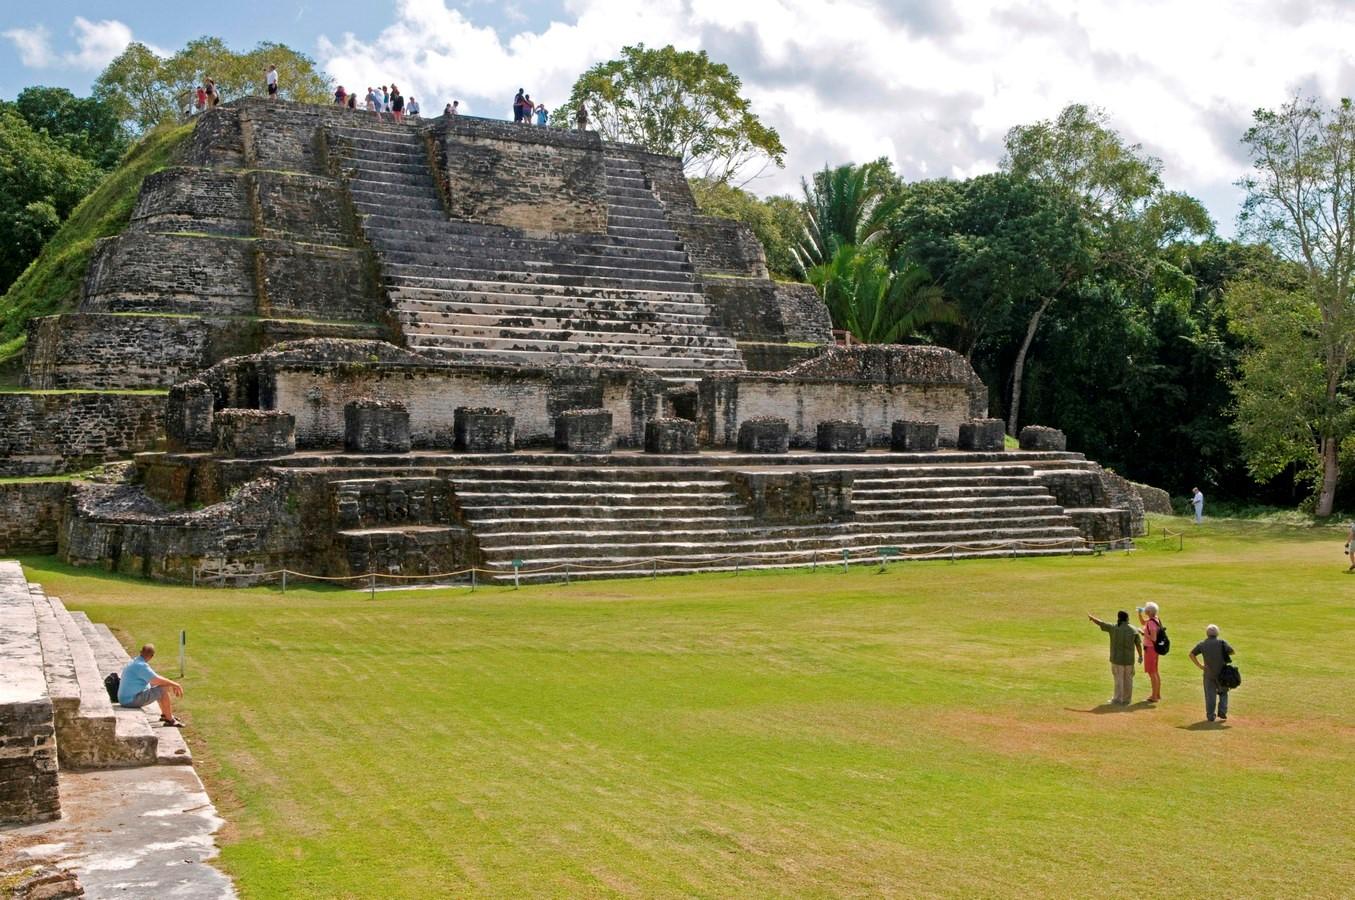 Mayan City of Altun Ha - Sheet1